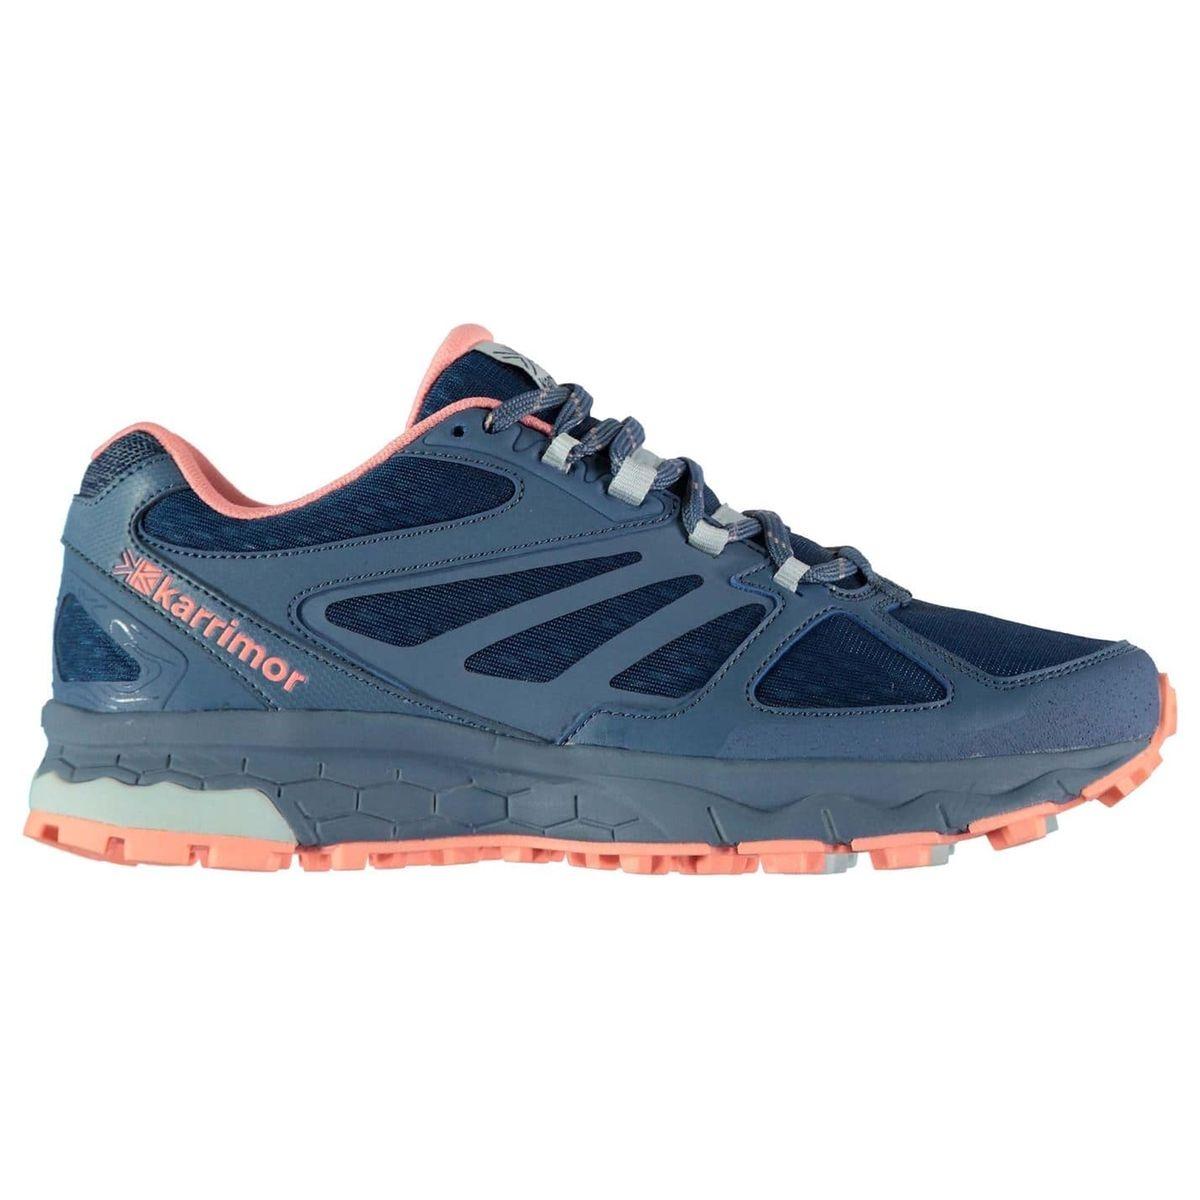 Chaussures de trail running